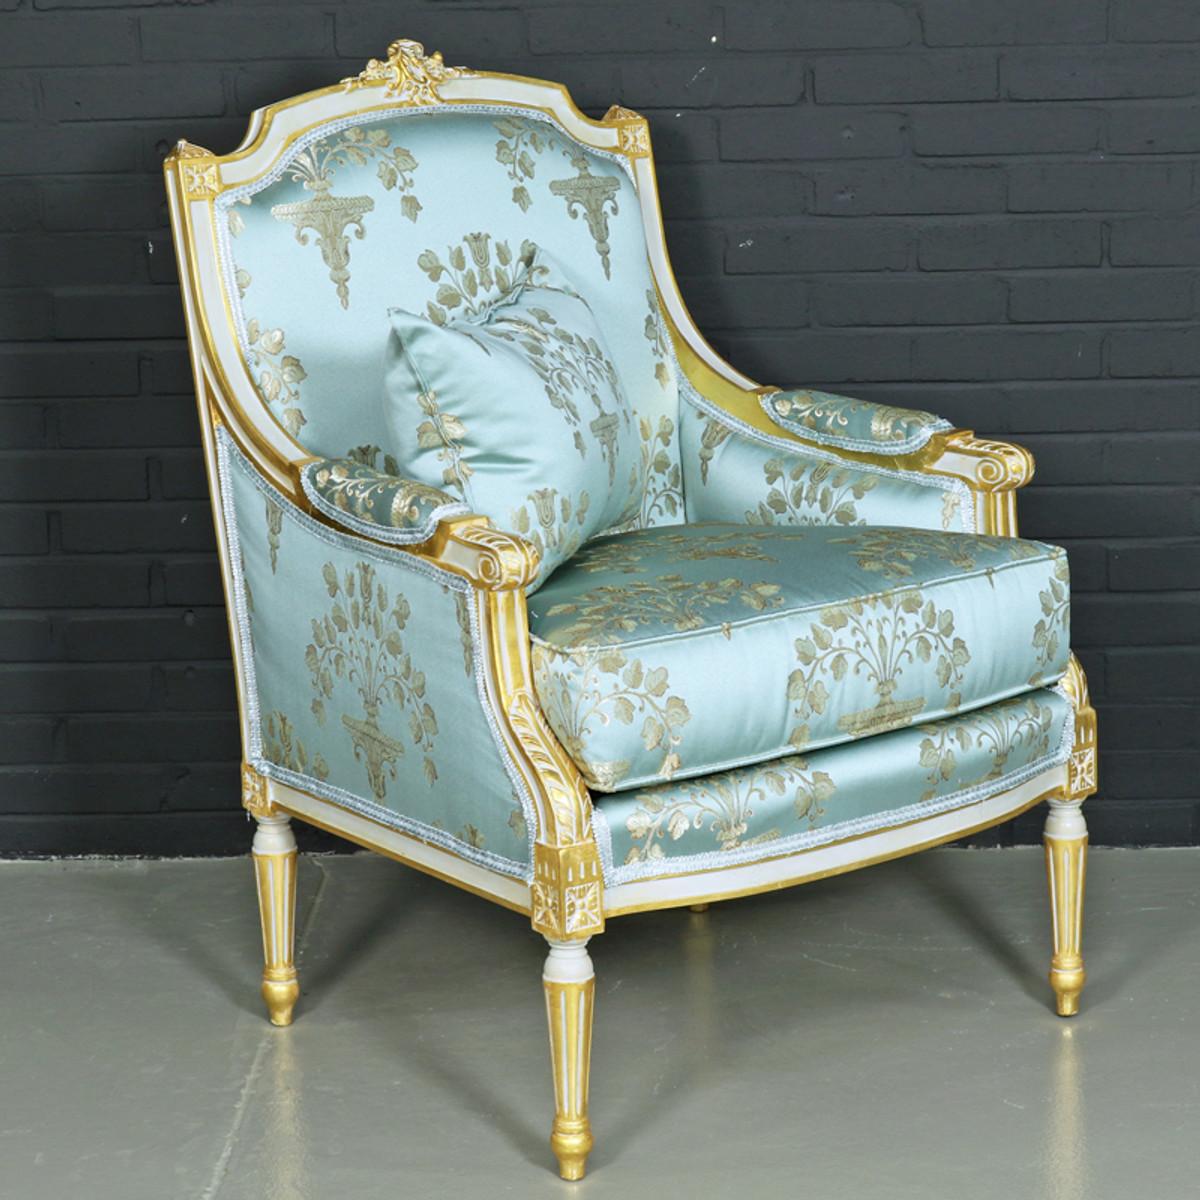 casa padrino antikstil lounge sessel hellt rkis gold 70 x 70 x h 100 cm barock m bel sessel. Black Bedroom Furniture Sets. Home Design Ideas